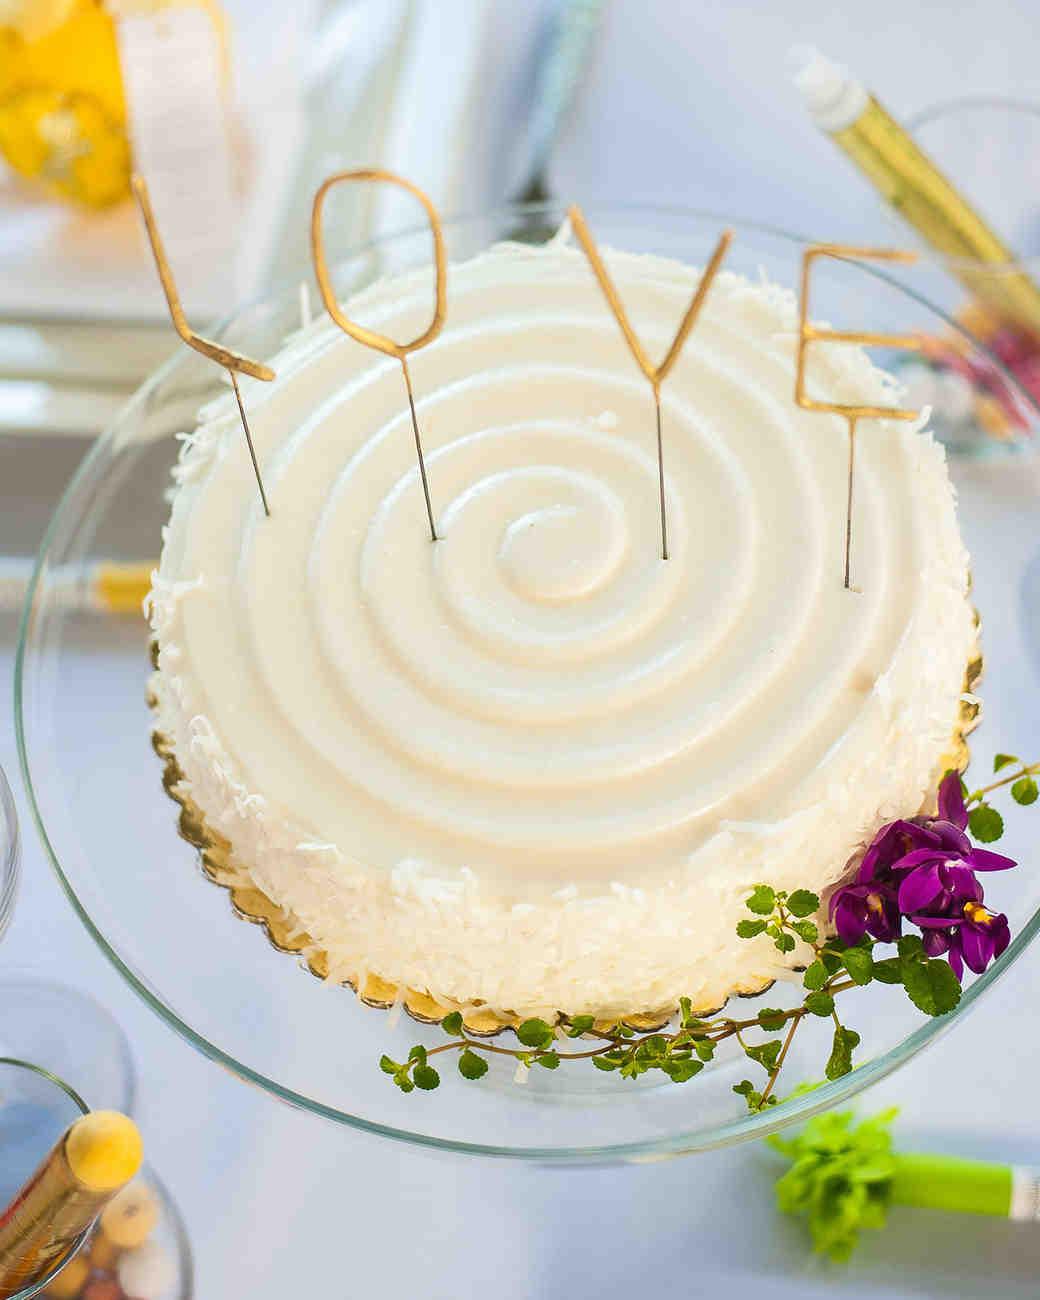 cake-topper-topsmalibu-sparklers-0814.jpg